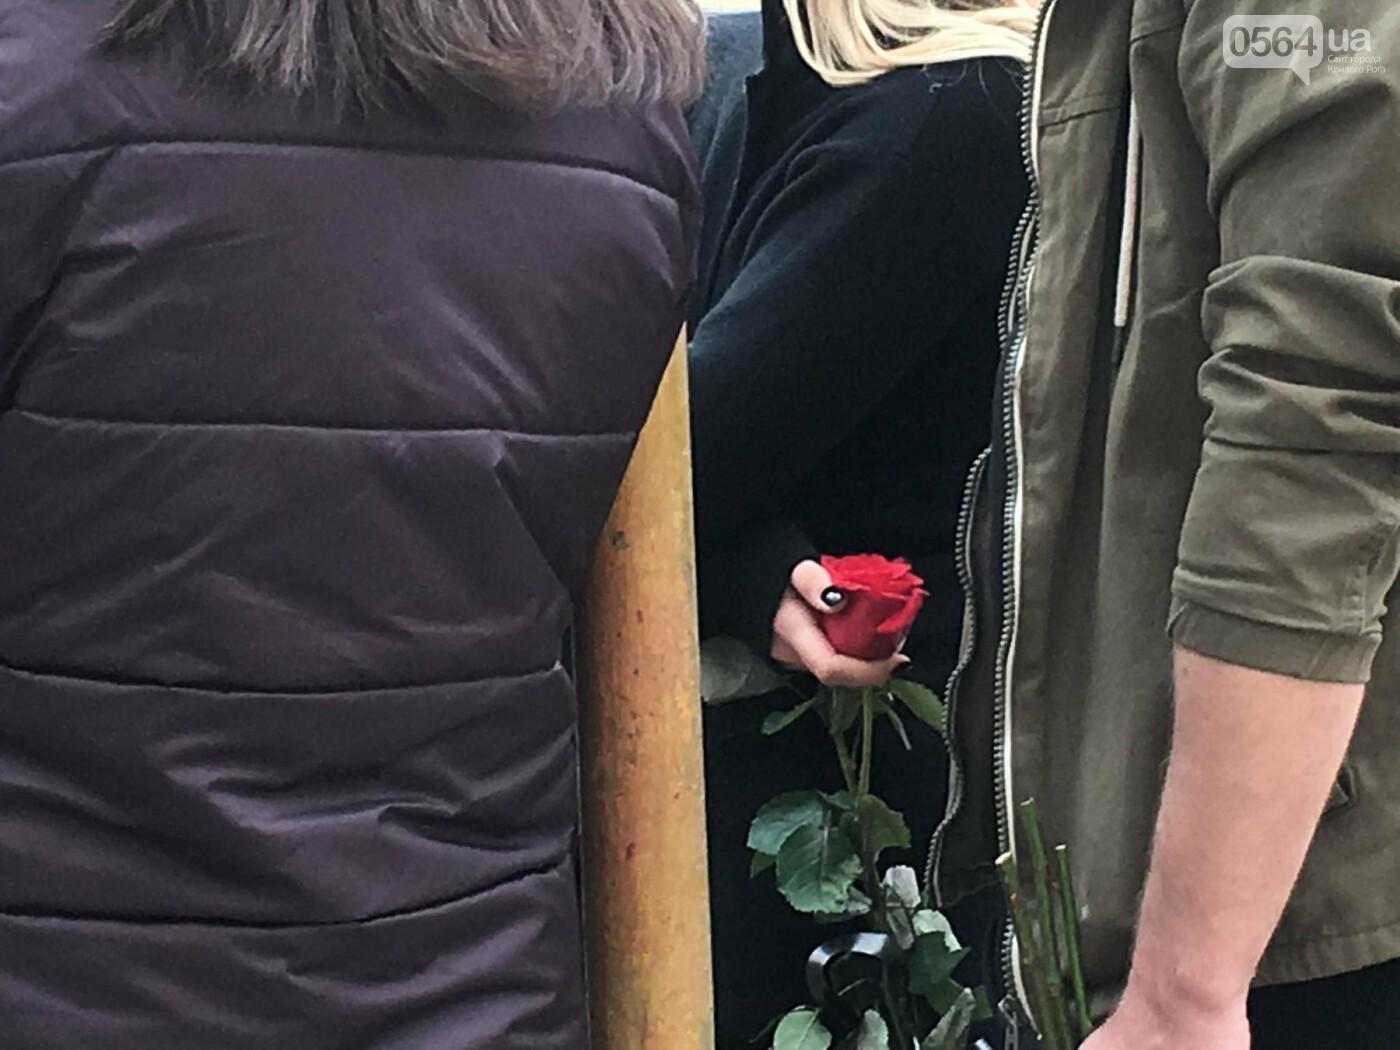 Кривой Рог прощается с 20-летним Героем. Одноклассники вспоминают, каким он был в школе (ФОТО), фото-1